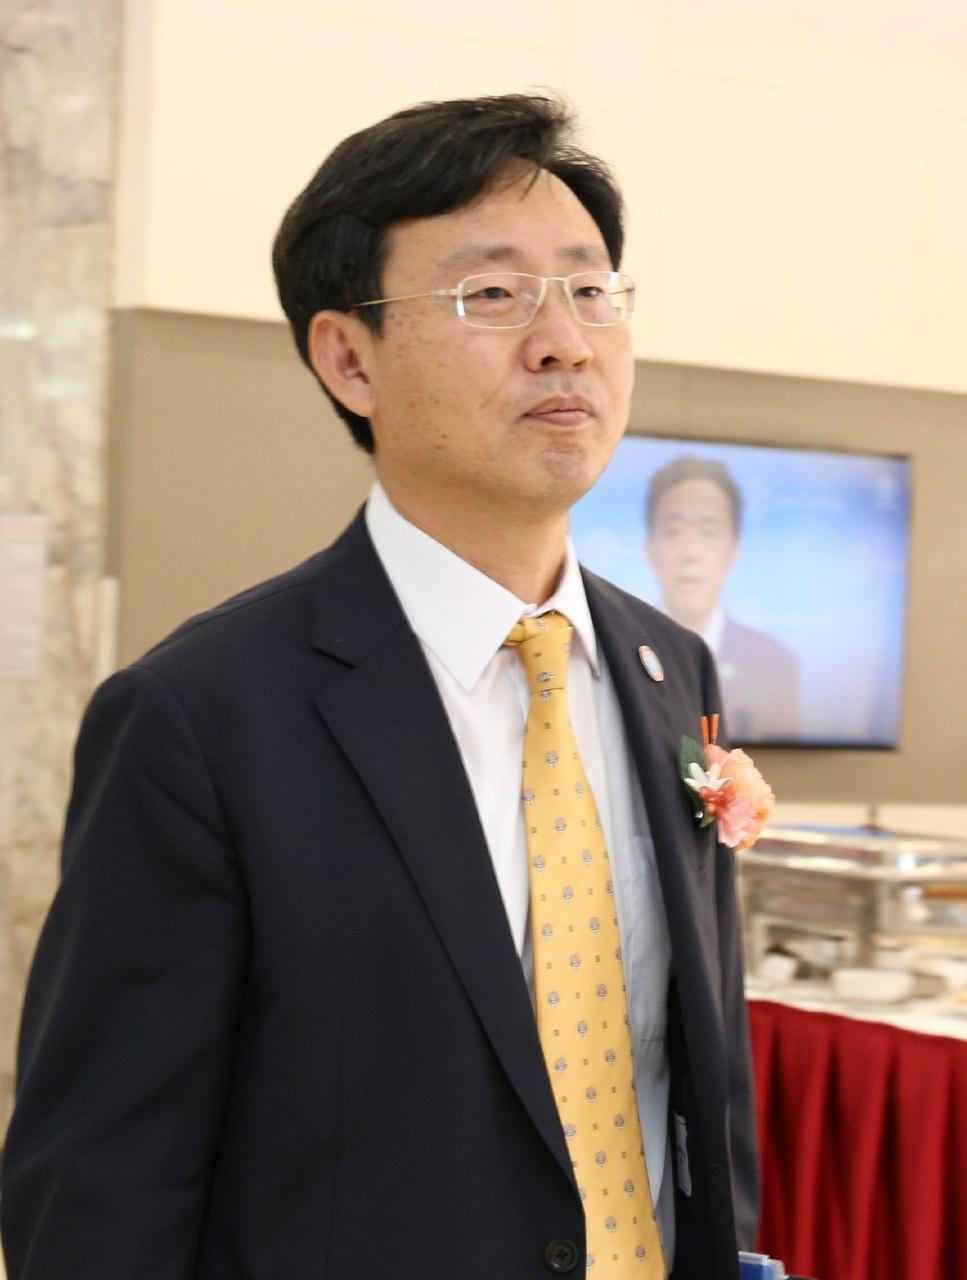 نماینده جدید فائو در آسیا و اقیانوسیه تعیین شد